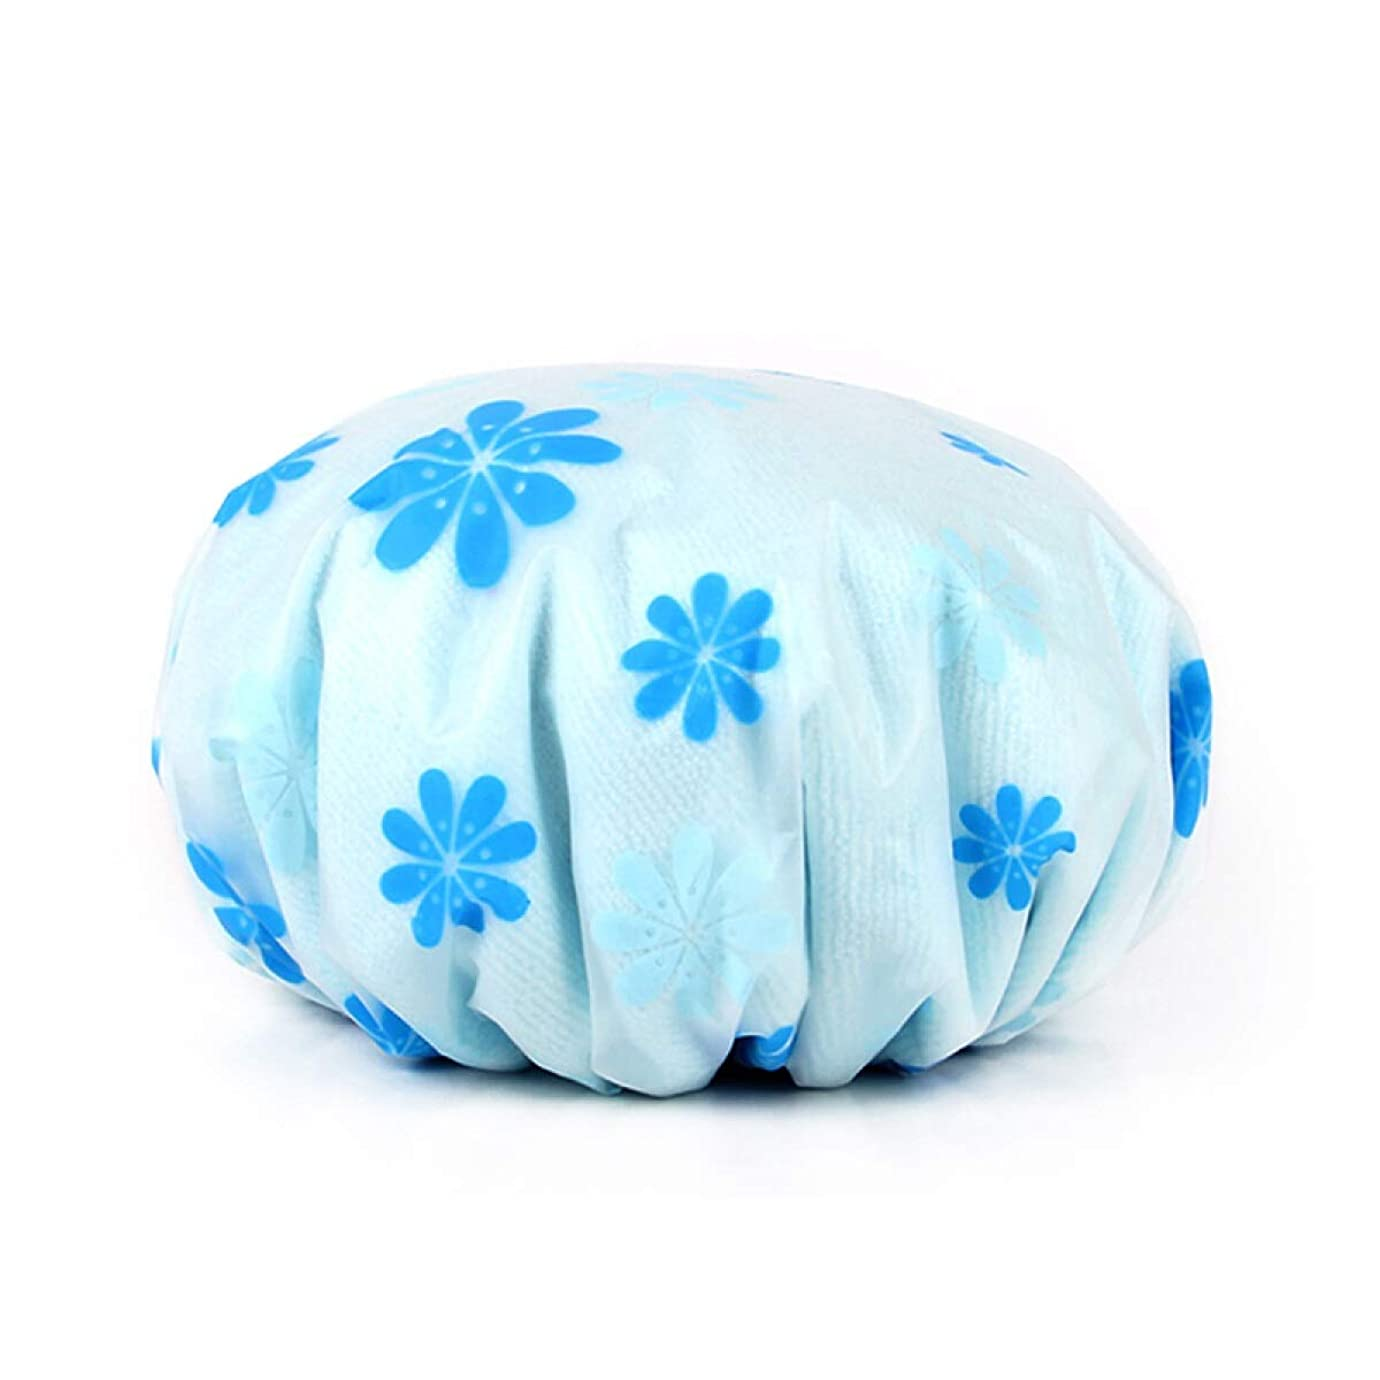 表現ジュラシックパークリゾートCHAHANG ダブル太いシャワーキャップレディース防水シャワーキャップアダルトシャワーキャップピンクの花 (Style : 4)